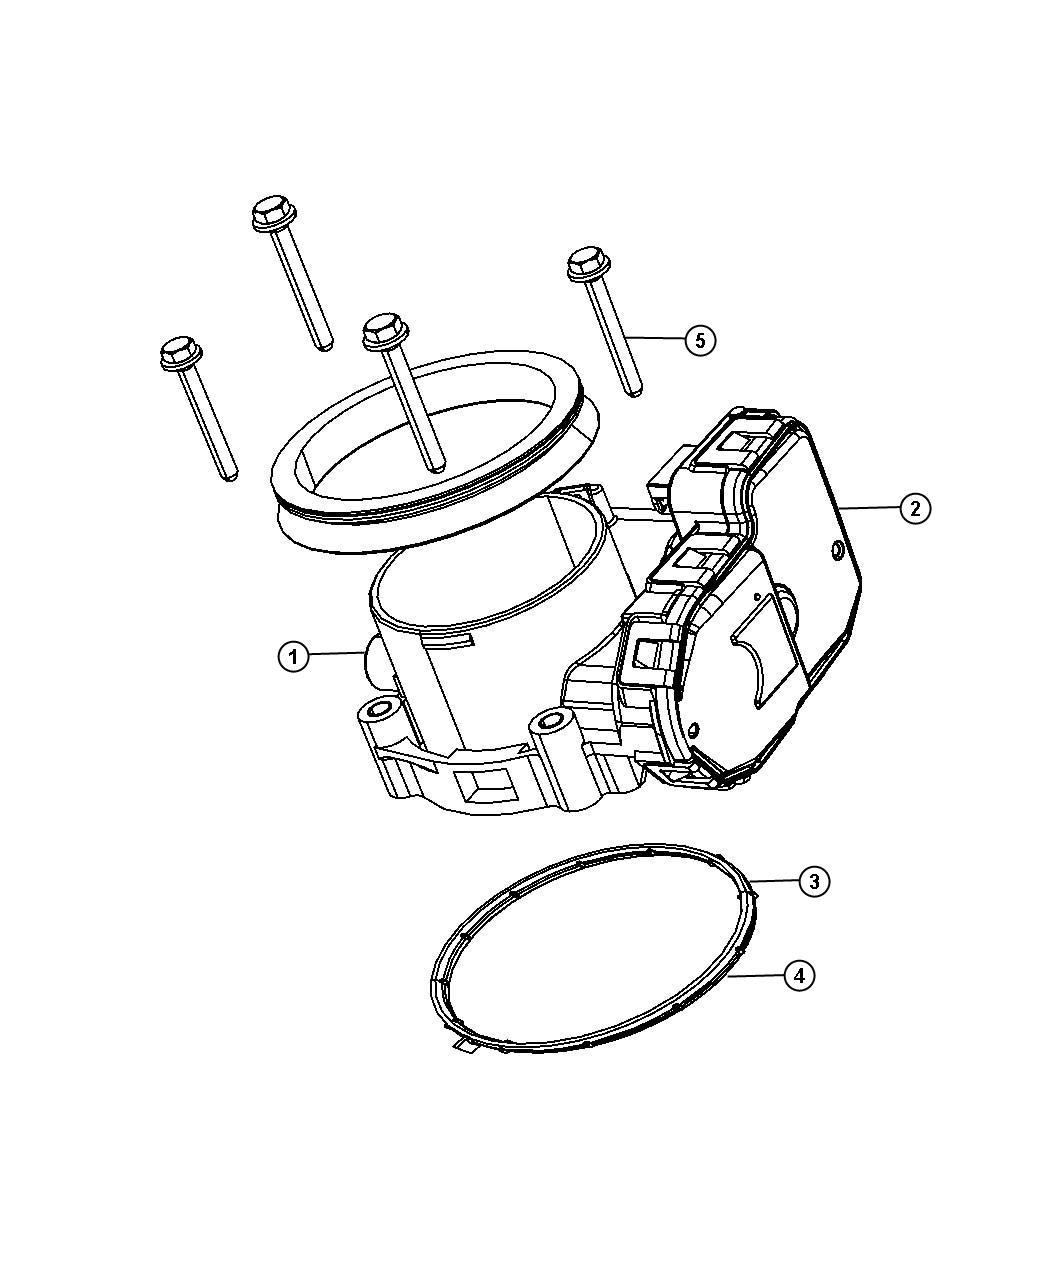 Dodge Ram Seal Throttle Body To Intake Mounting